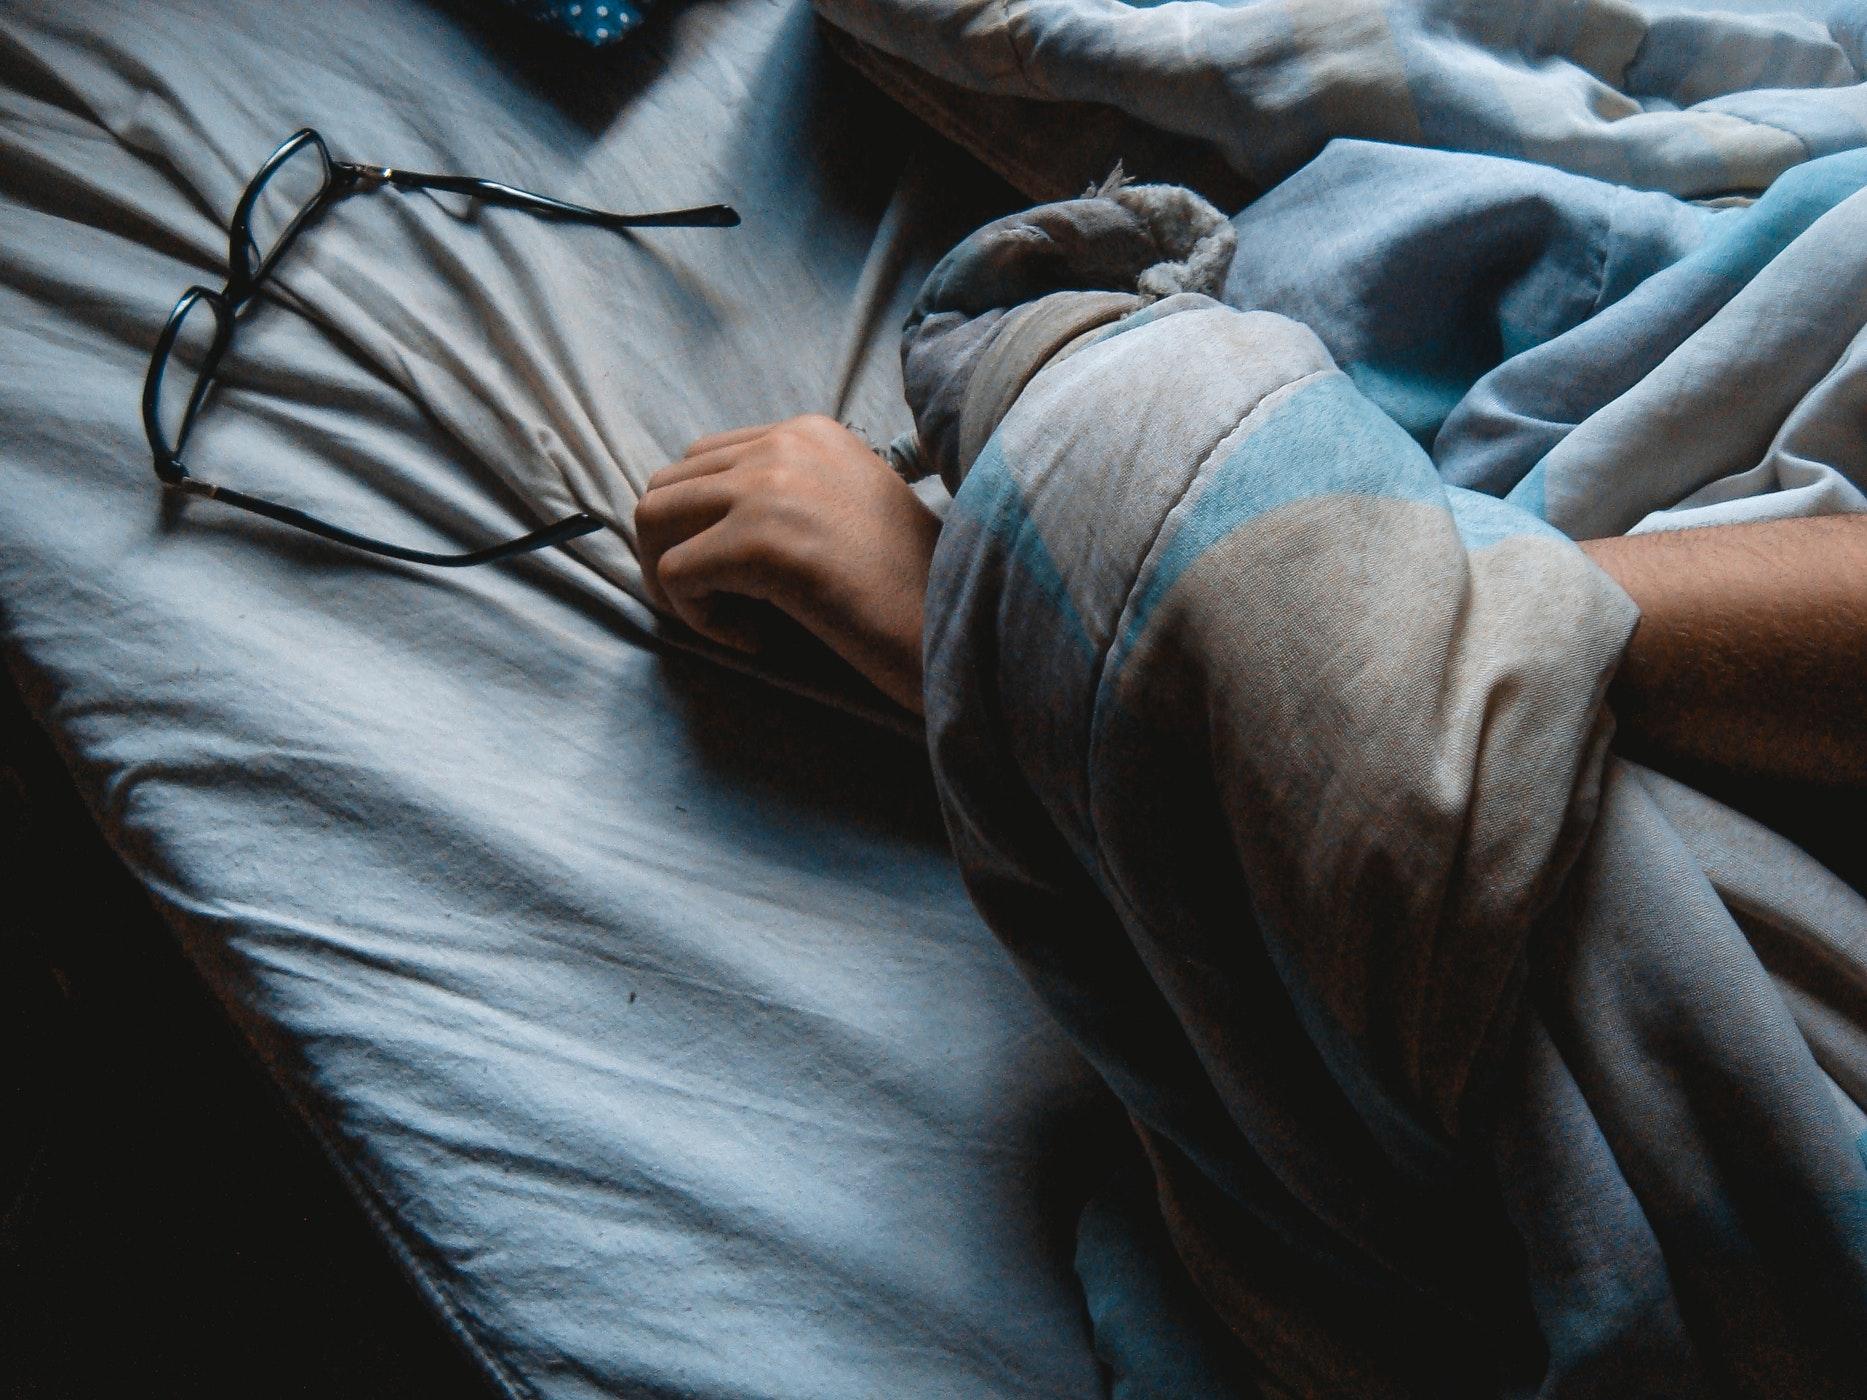 «Больных с инсультами поступает больше, чем инфицированных коронавирусом»: врач о ситуации в Украине